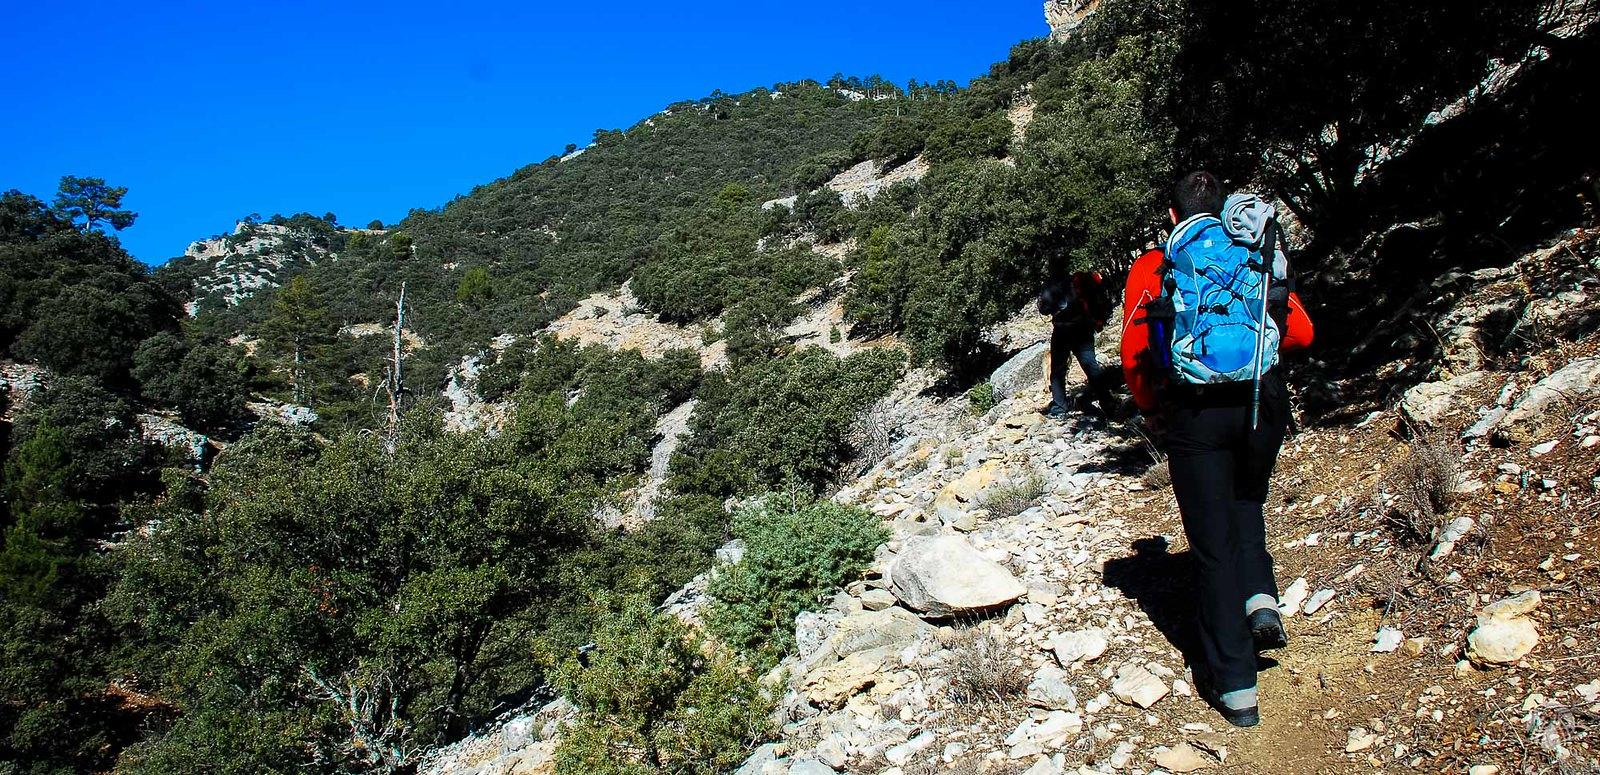 La senda va ganando altura por la margen izquierda del barranco